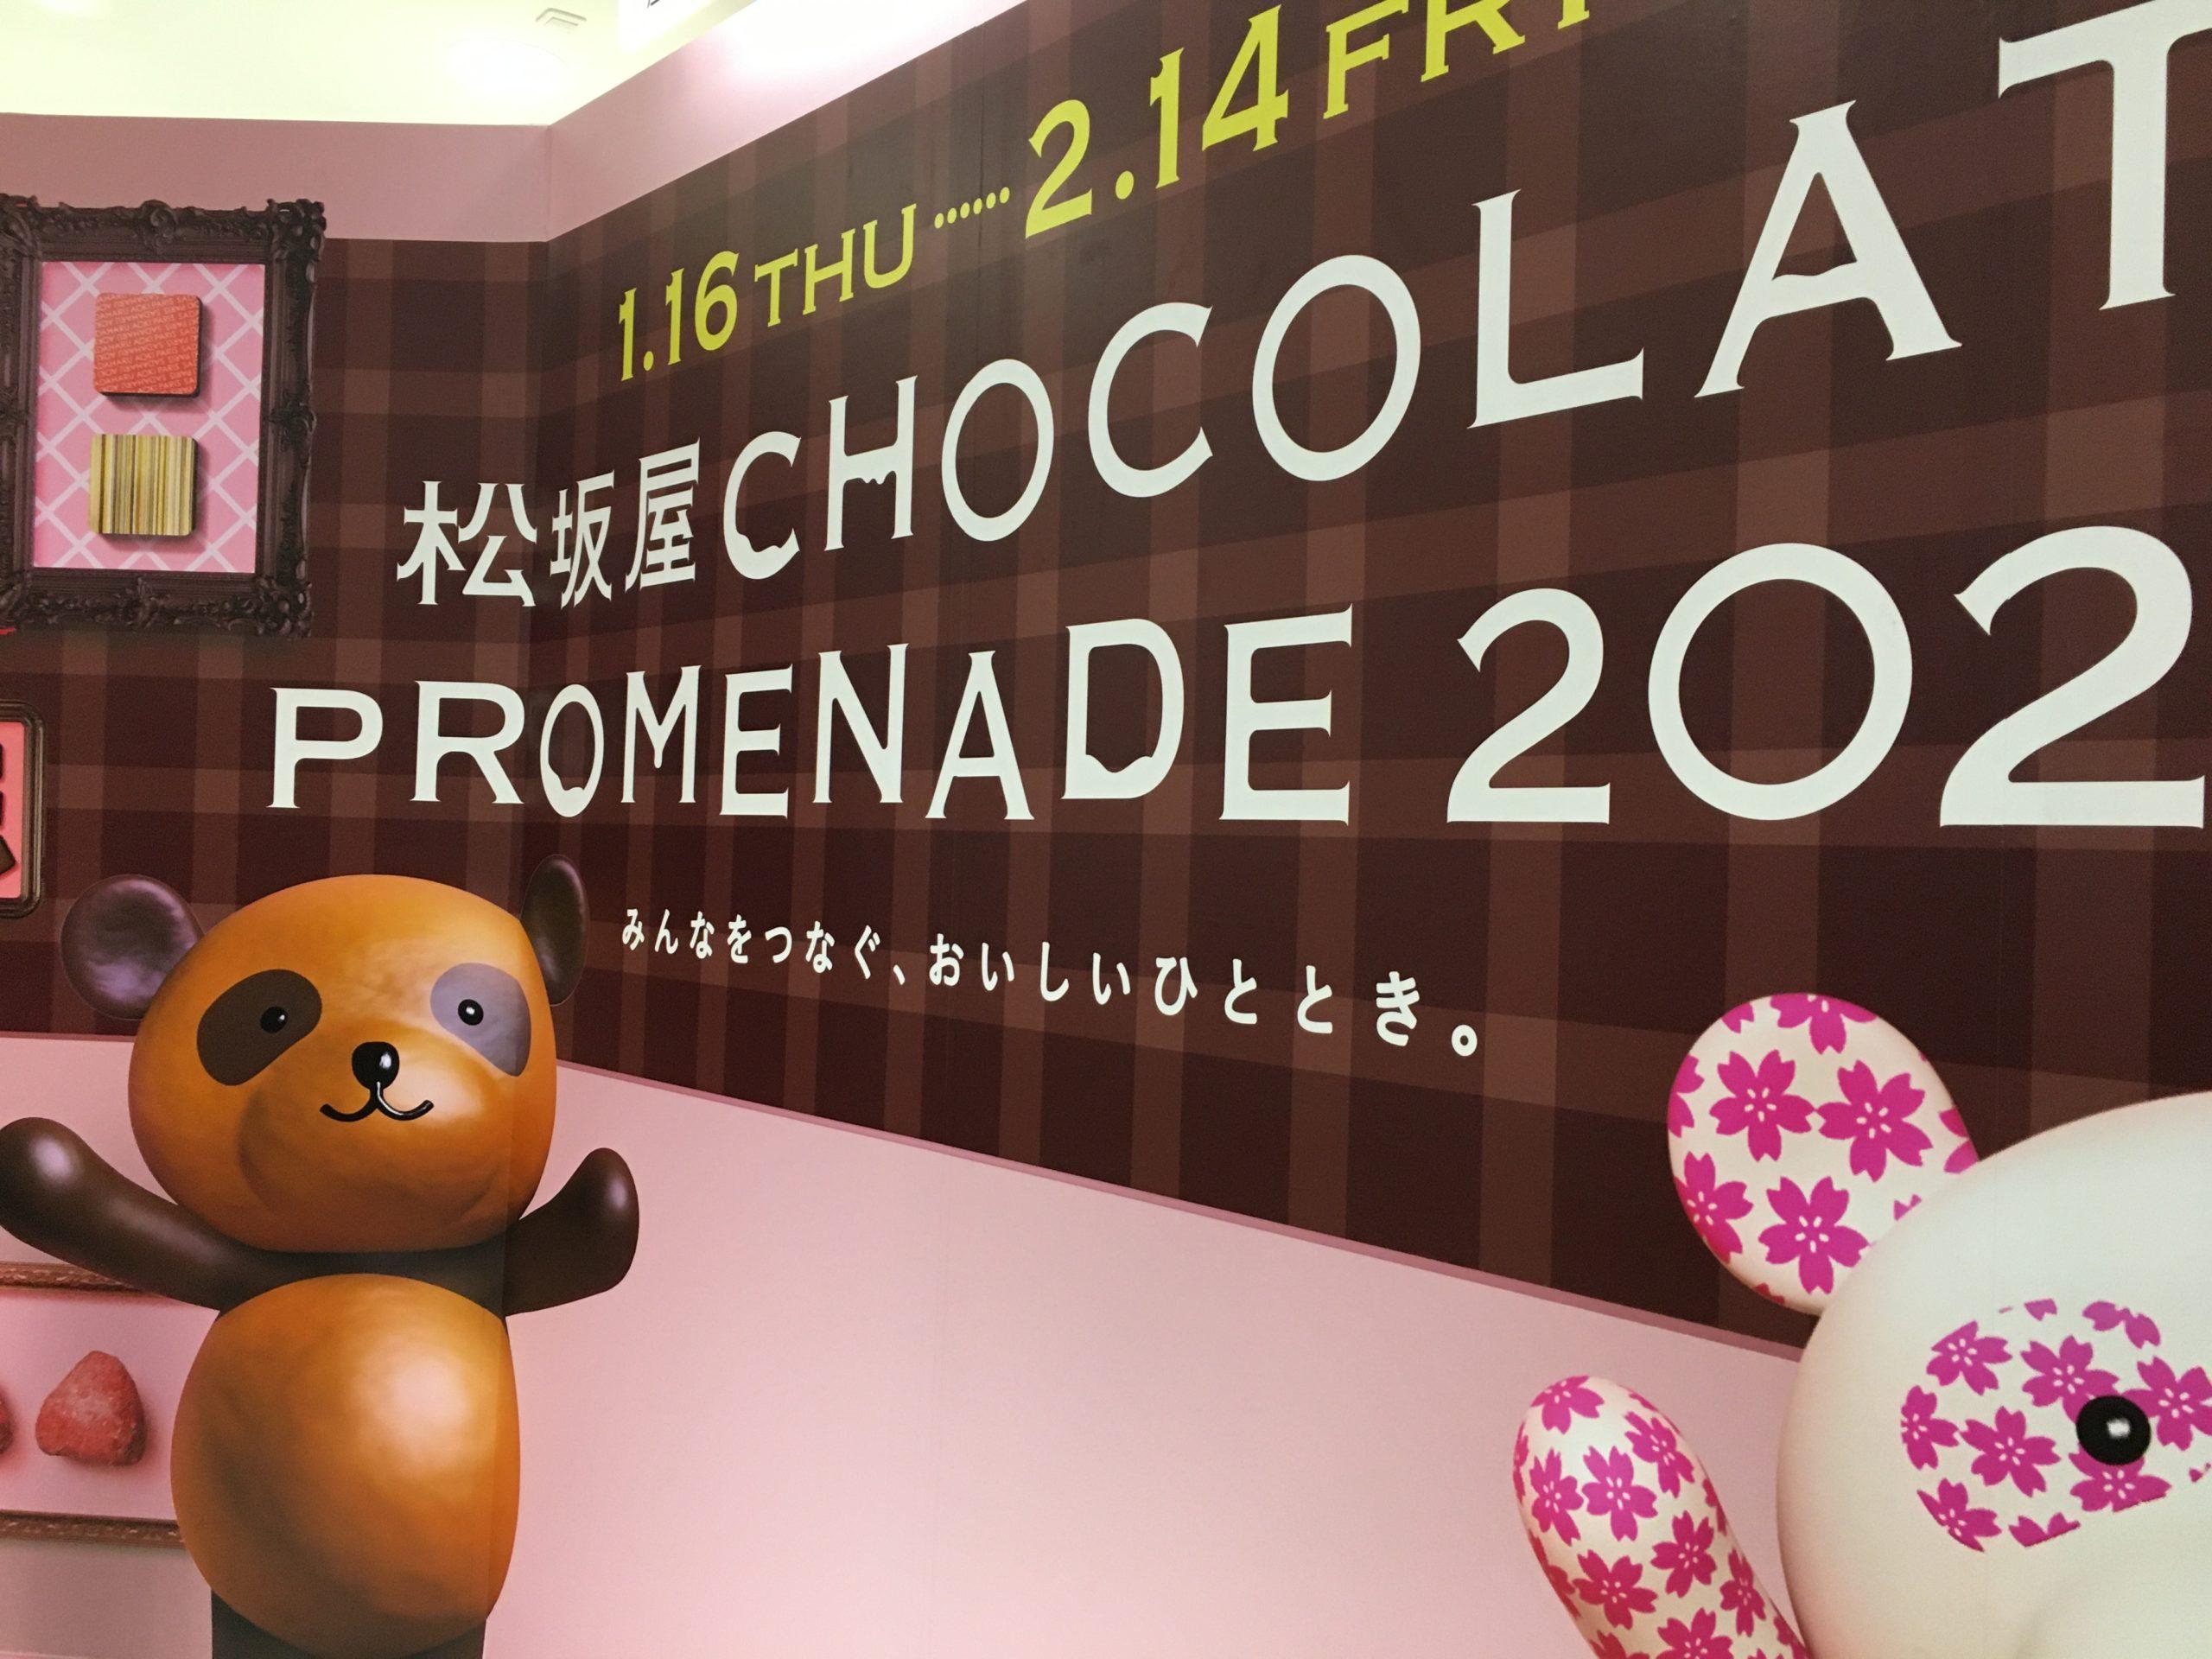 nagoya-chocolat-promenade